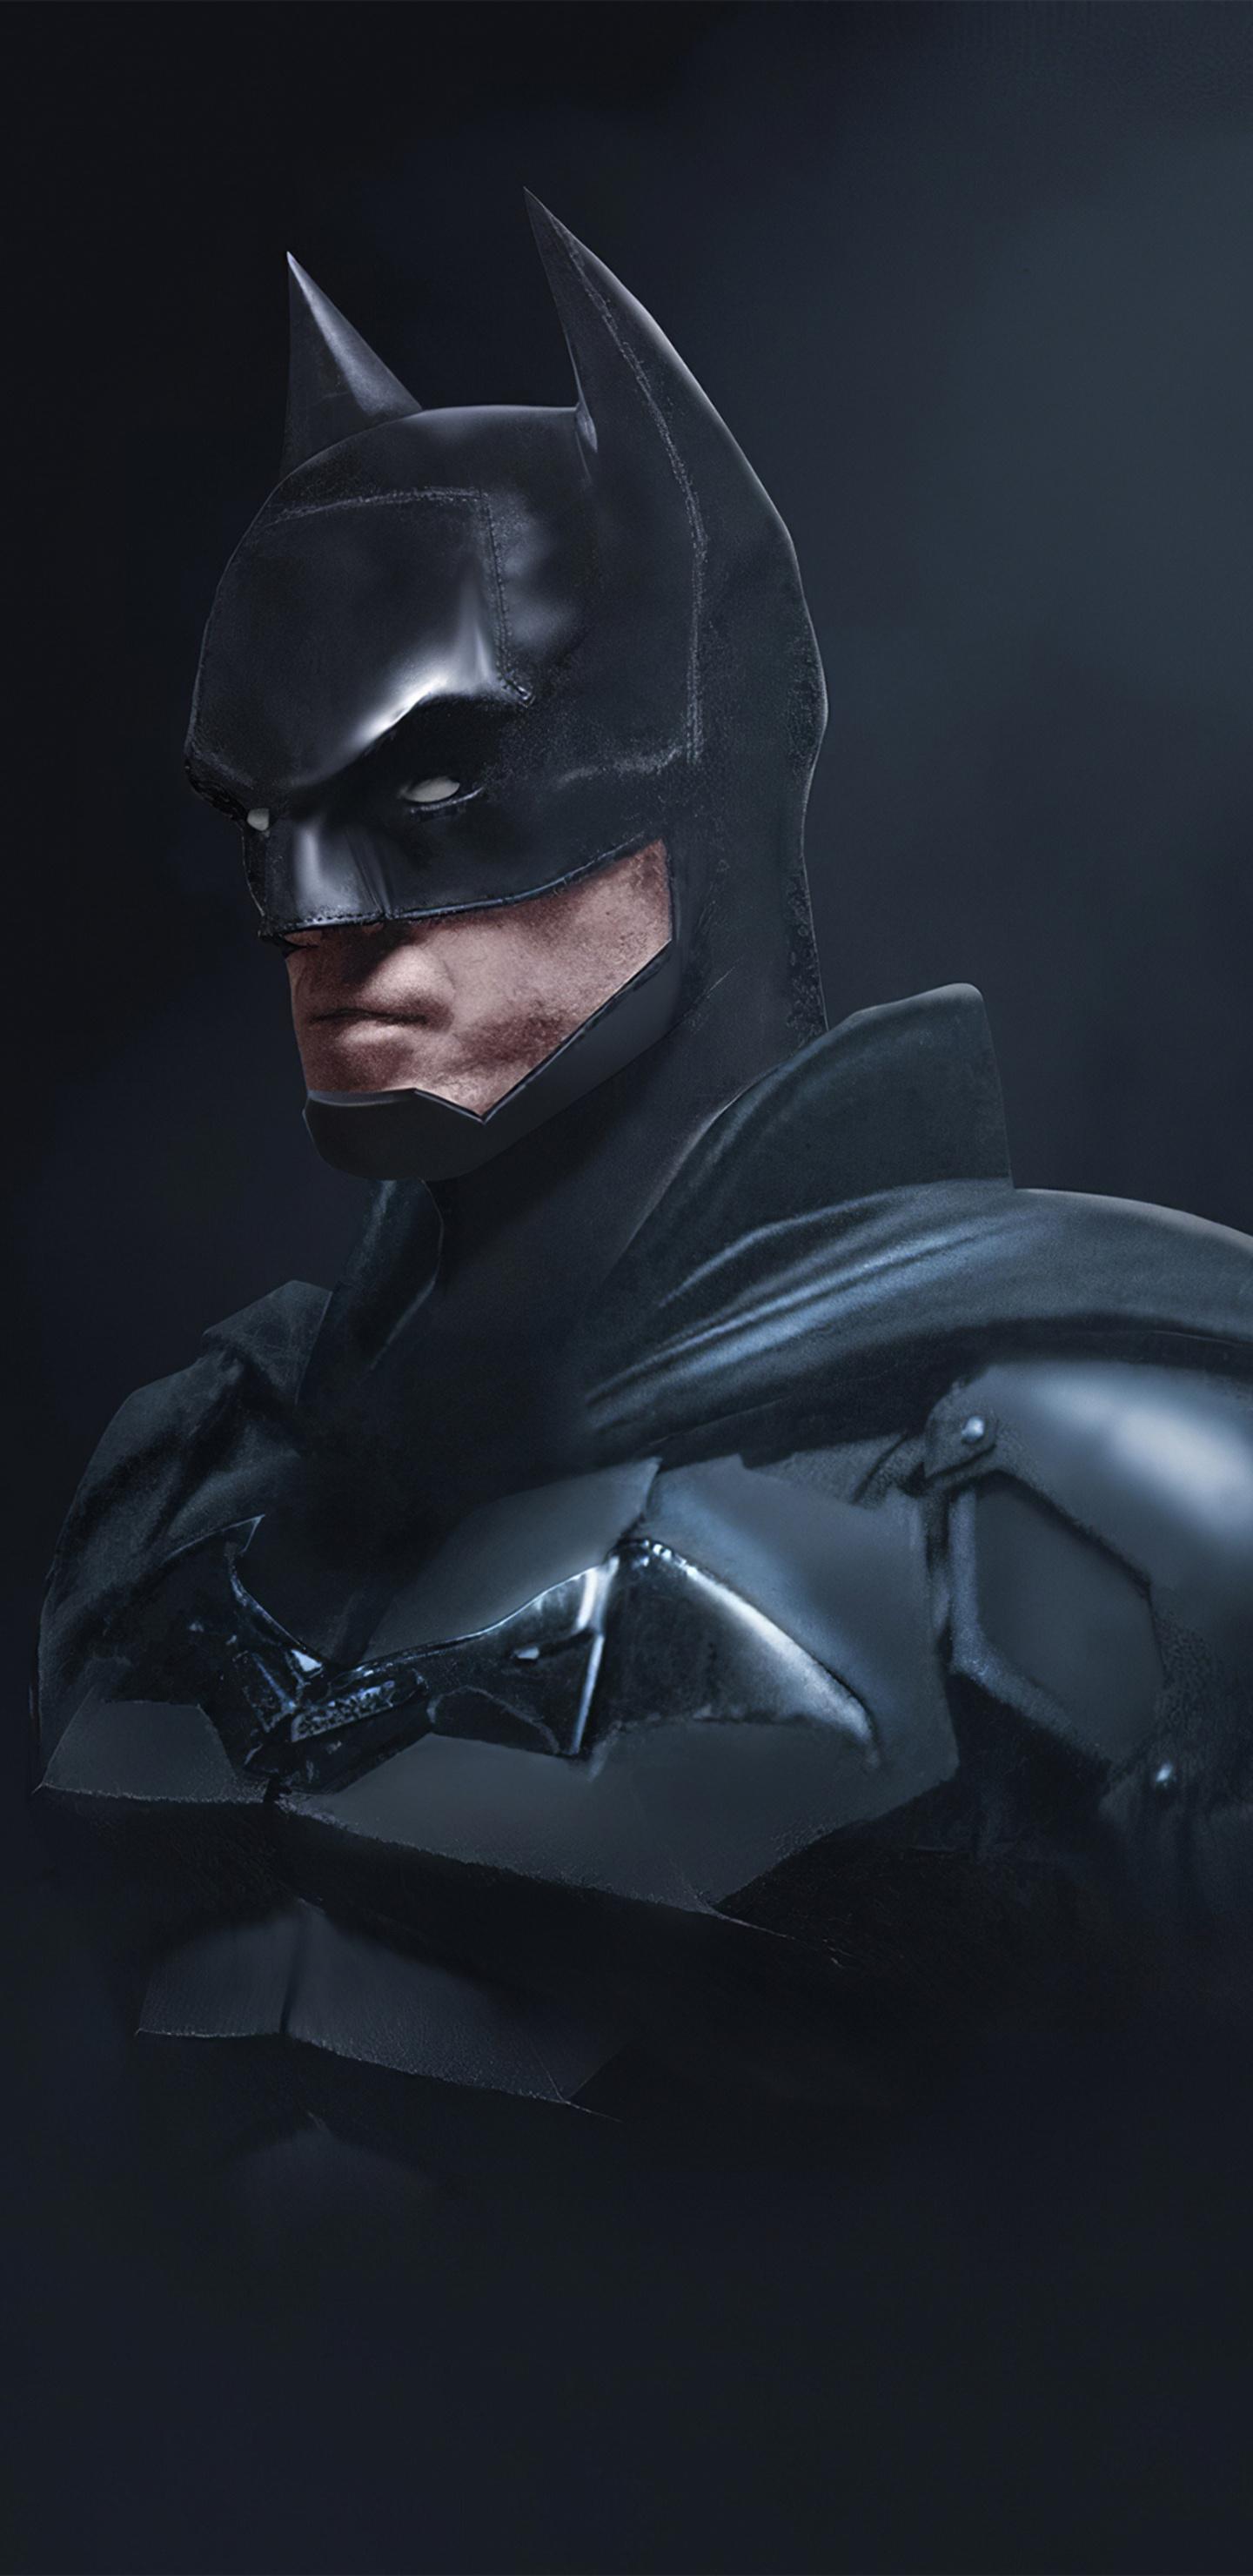 batman-new-suit-2020-p1.jpg